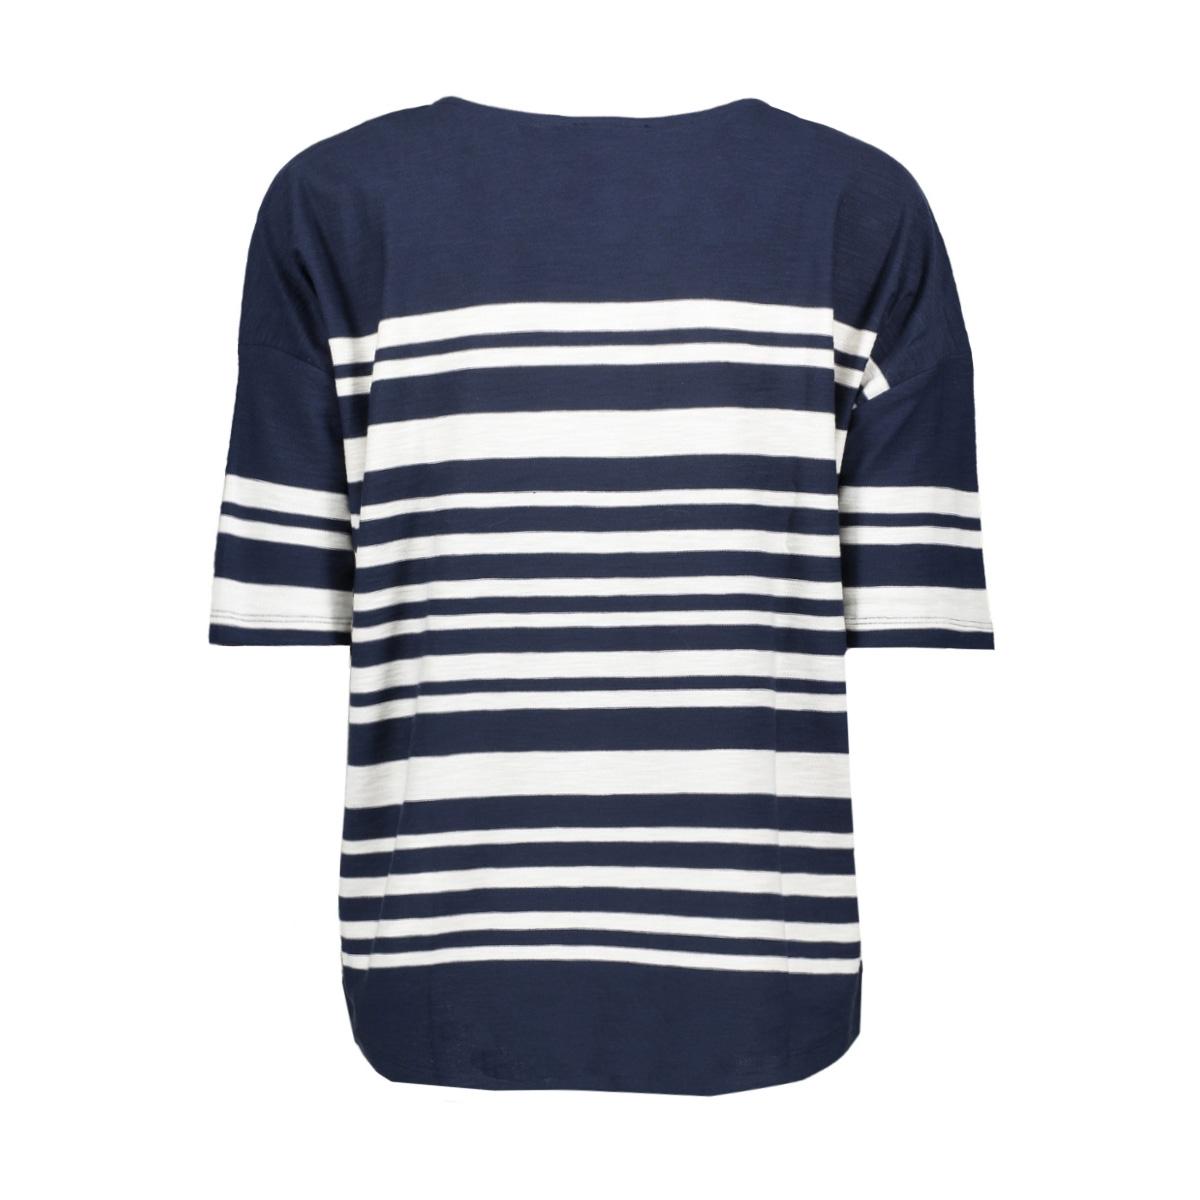 087ee1k011 esprit t-shirt e405